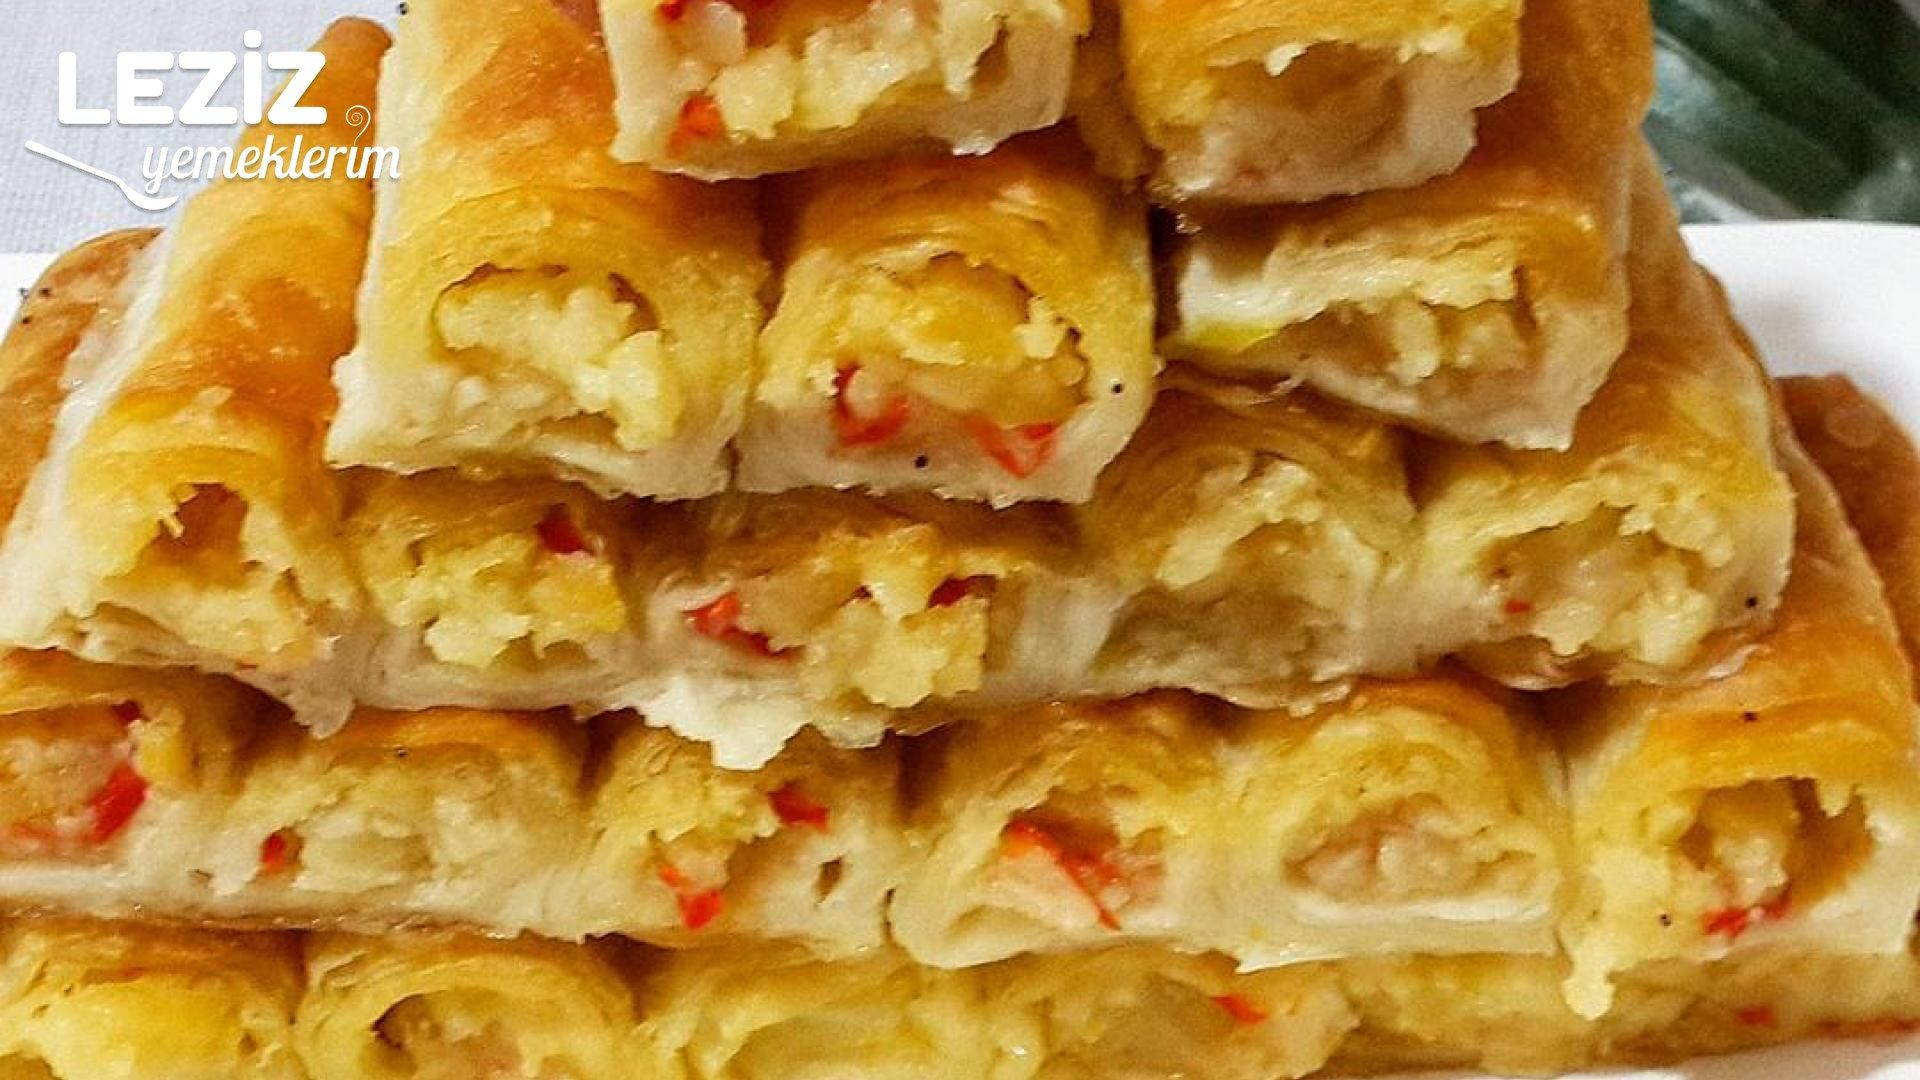 Patatesli rulo börek tarifi resimli ile Etiketlenen Konular